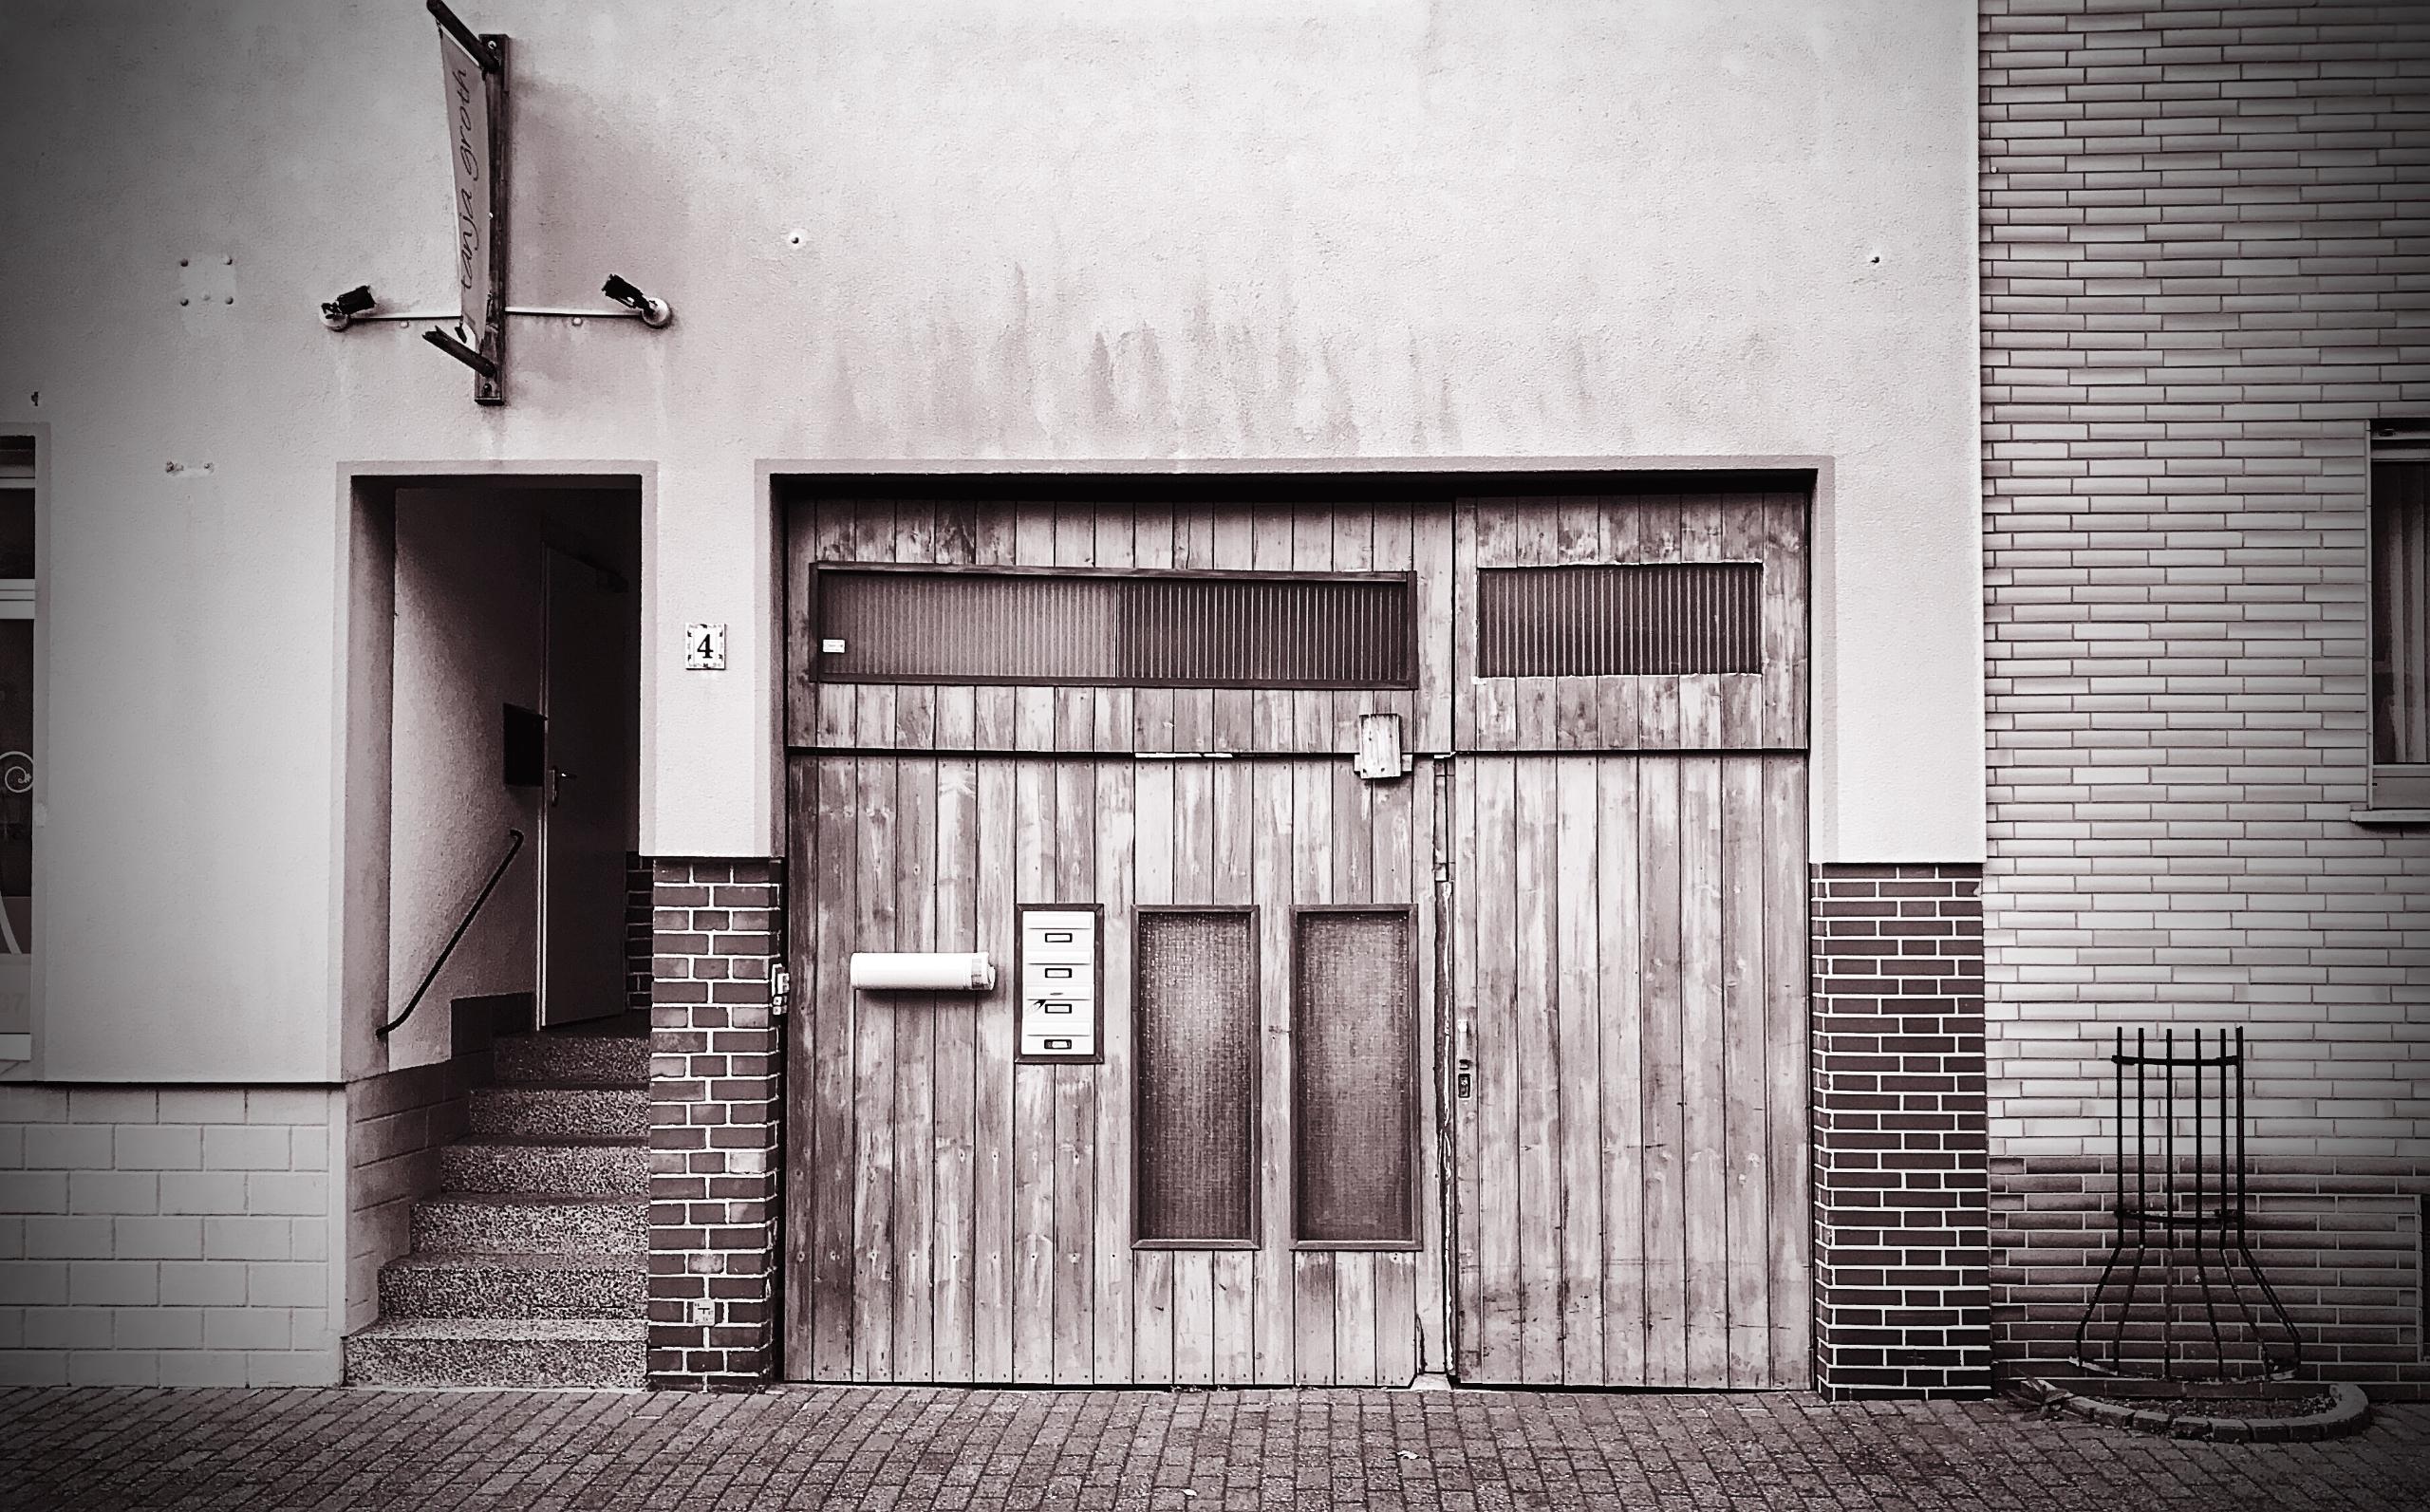 Wooden door - monochrome, monochromephotography - borisholtz   ello